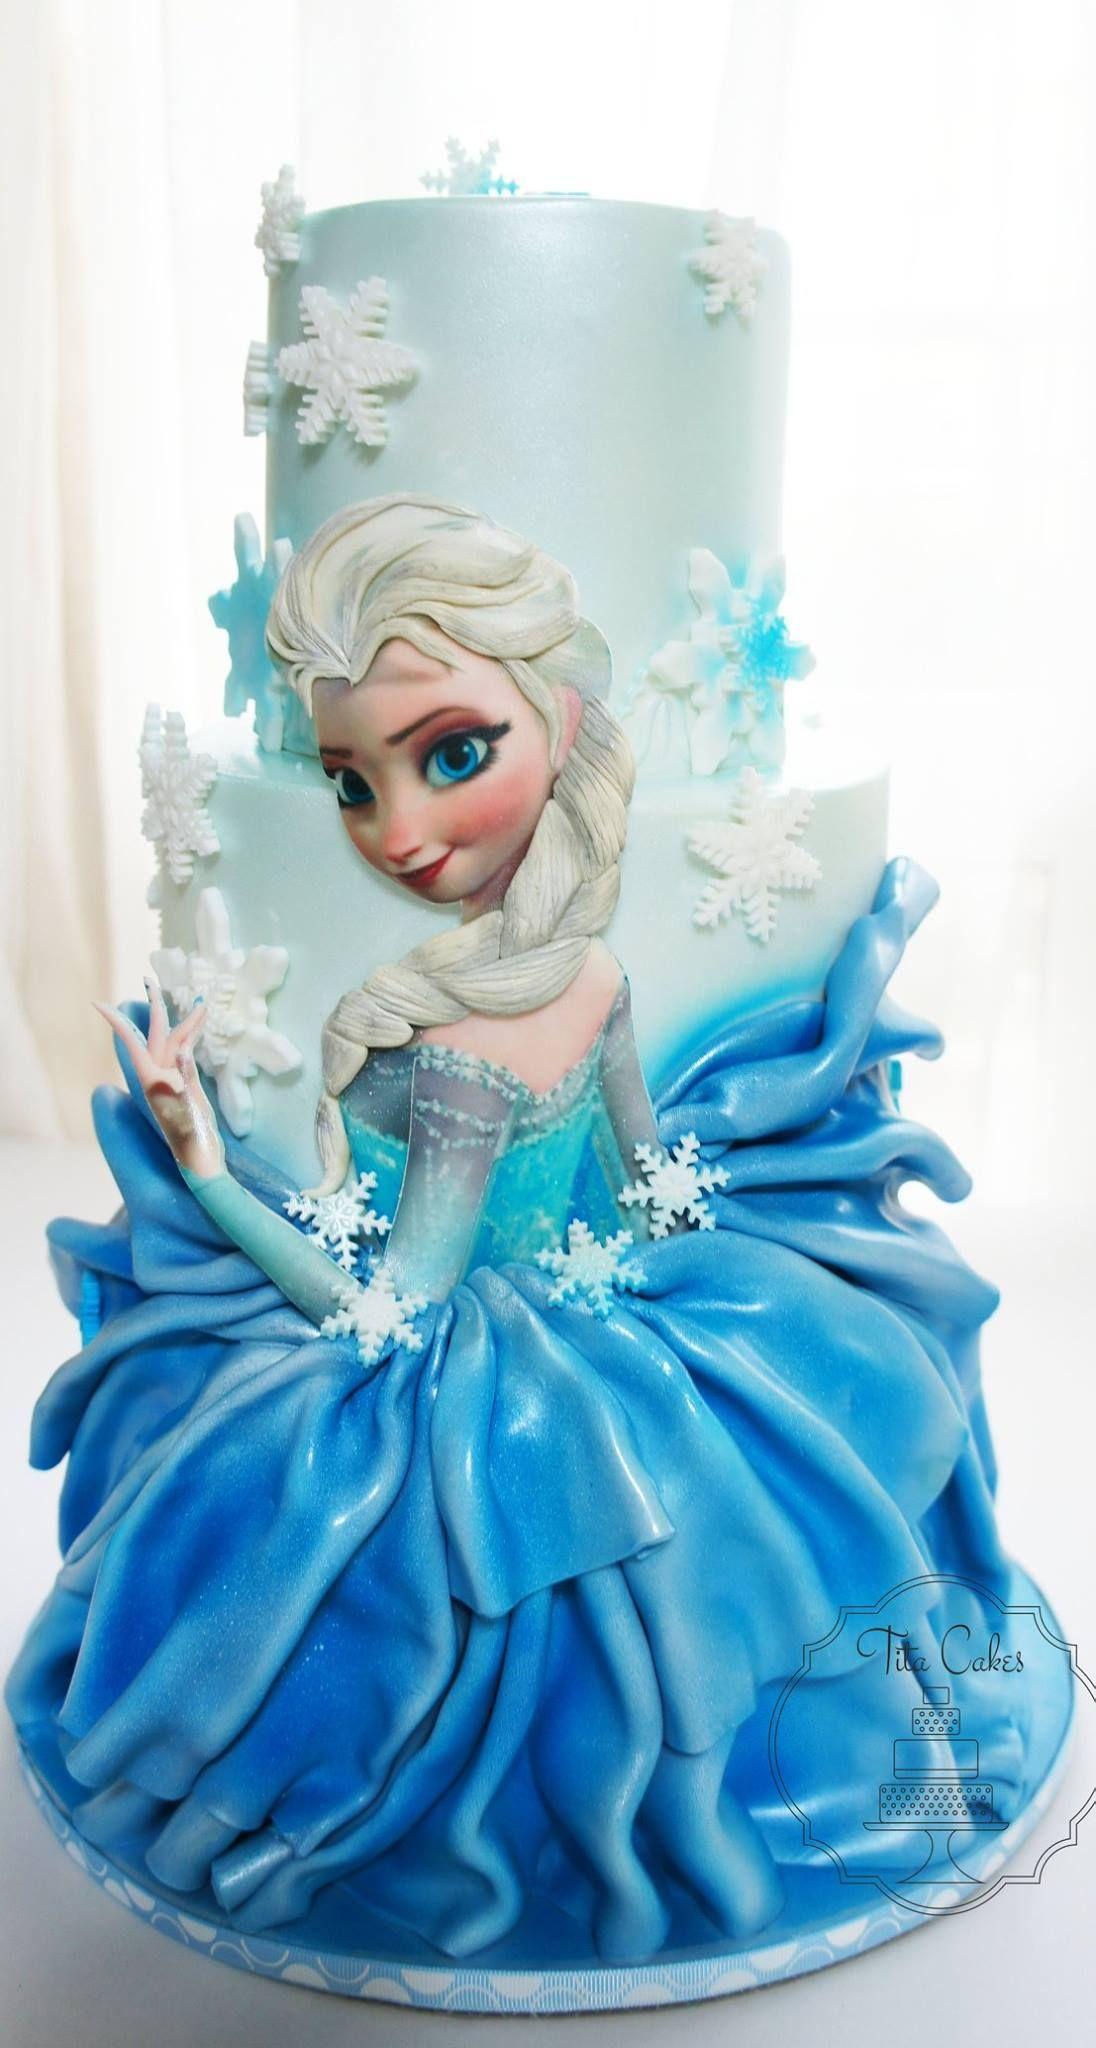 10 Bolos Fantsticos das Princesas da Disney Cake Amazing cakes